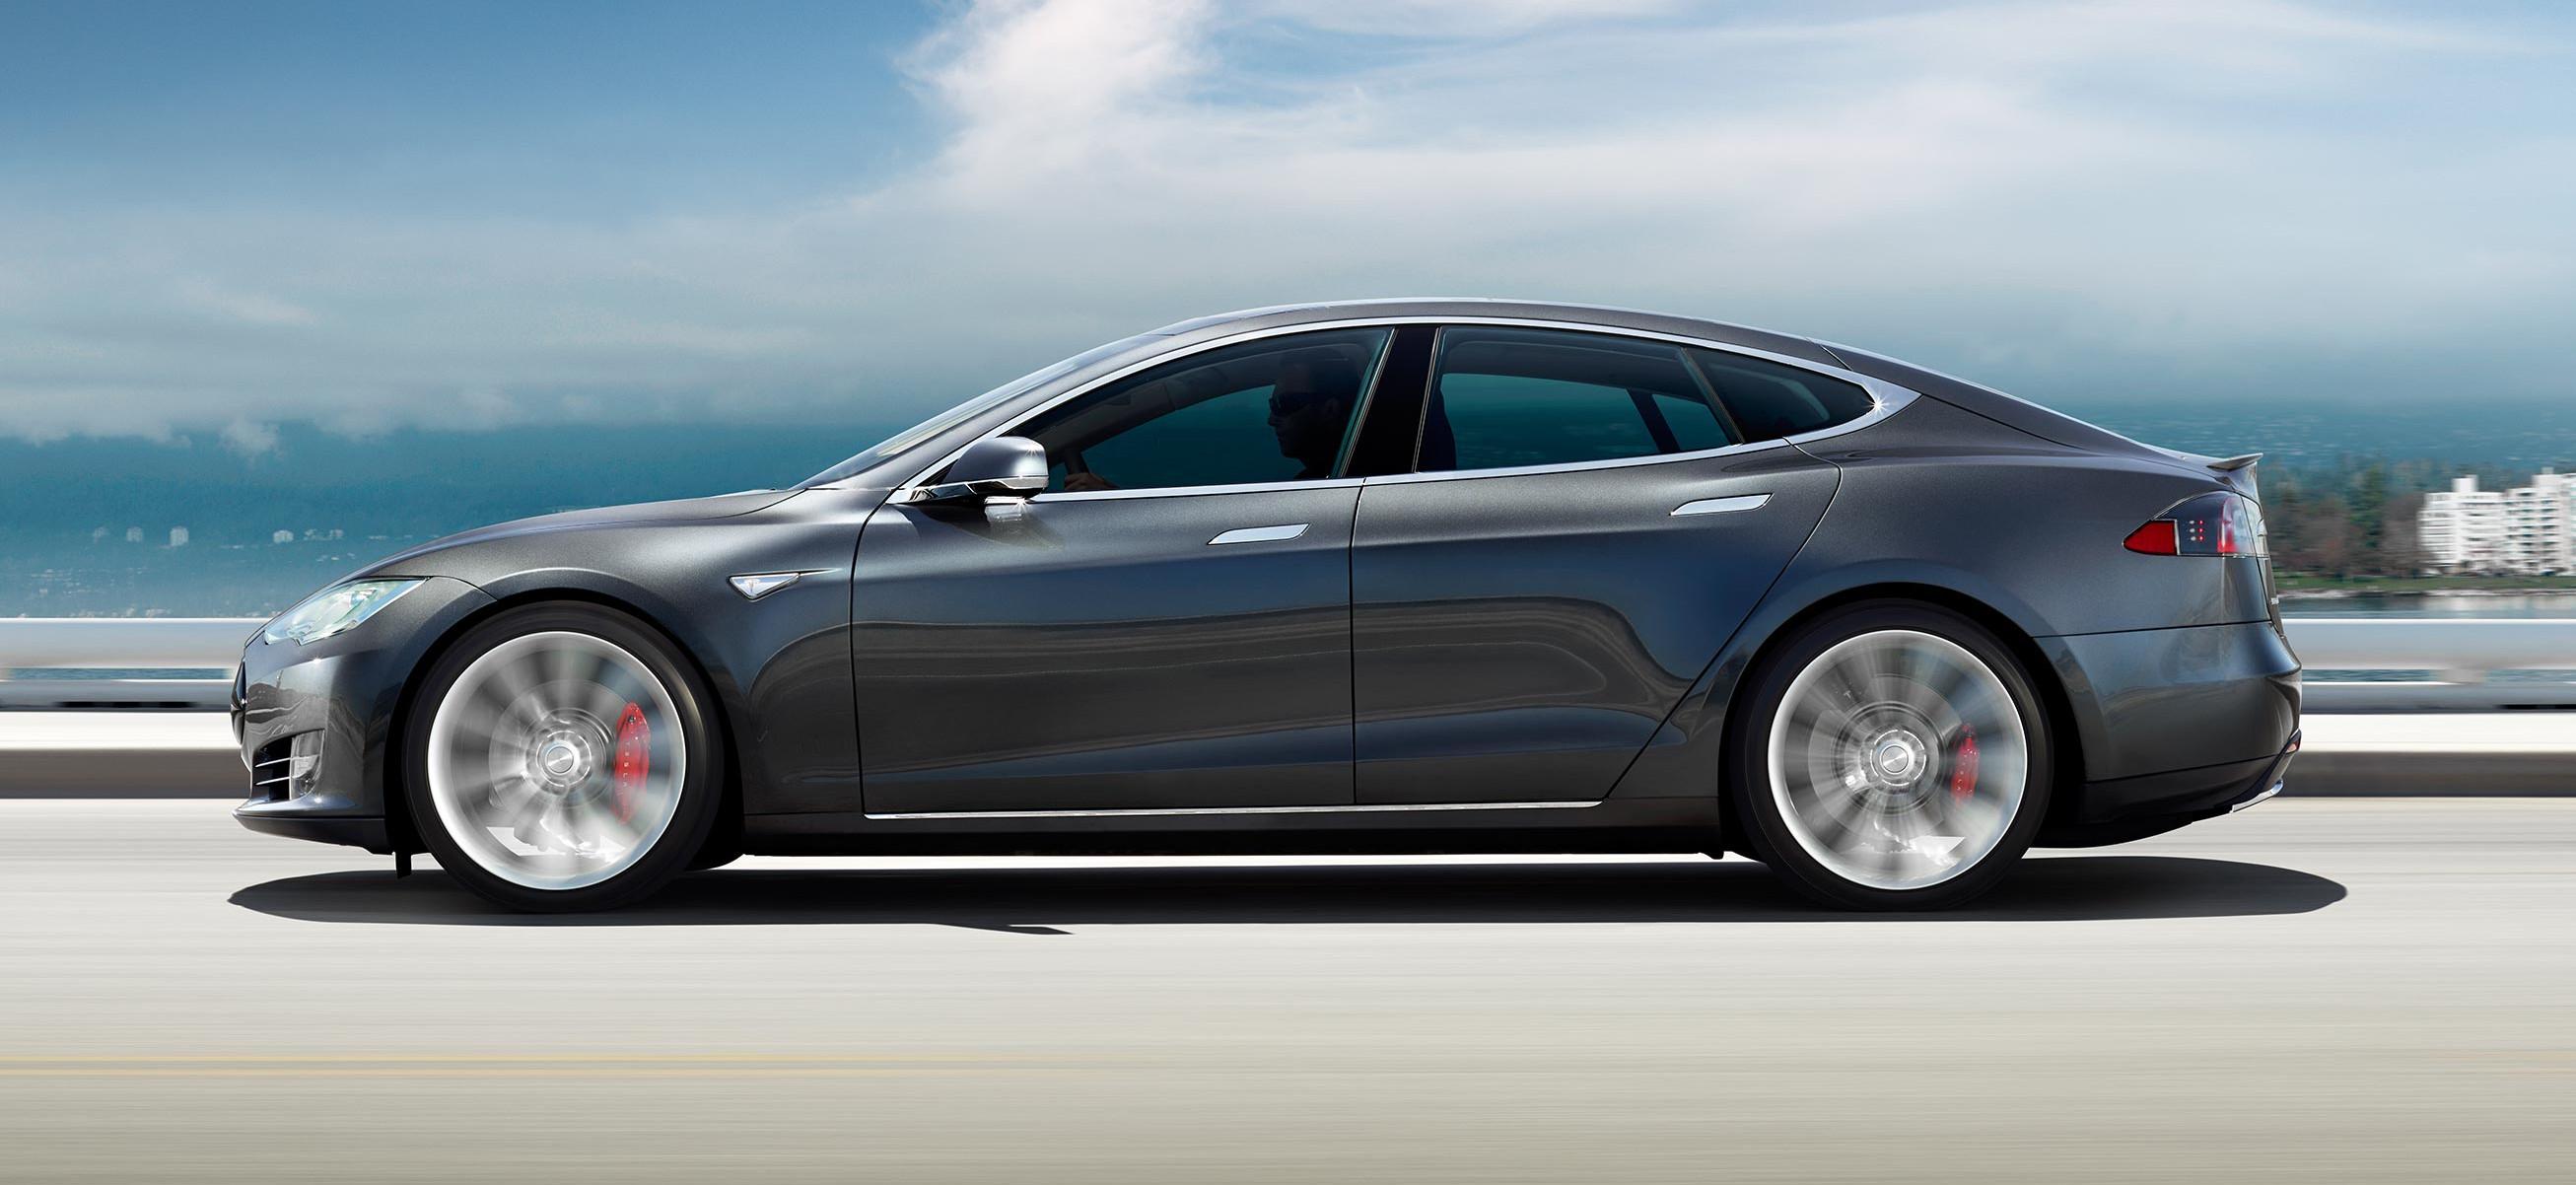 Win-A-2016-Tesla-Model-S-1